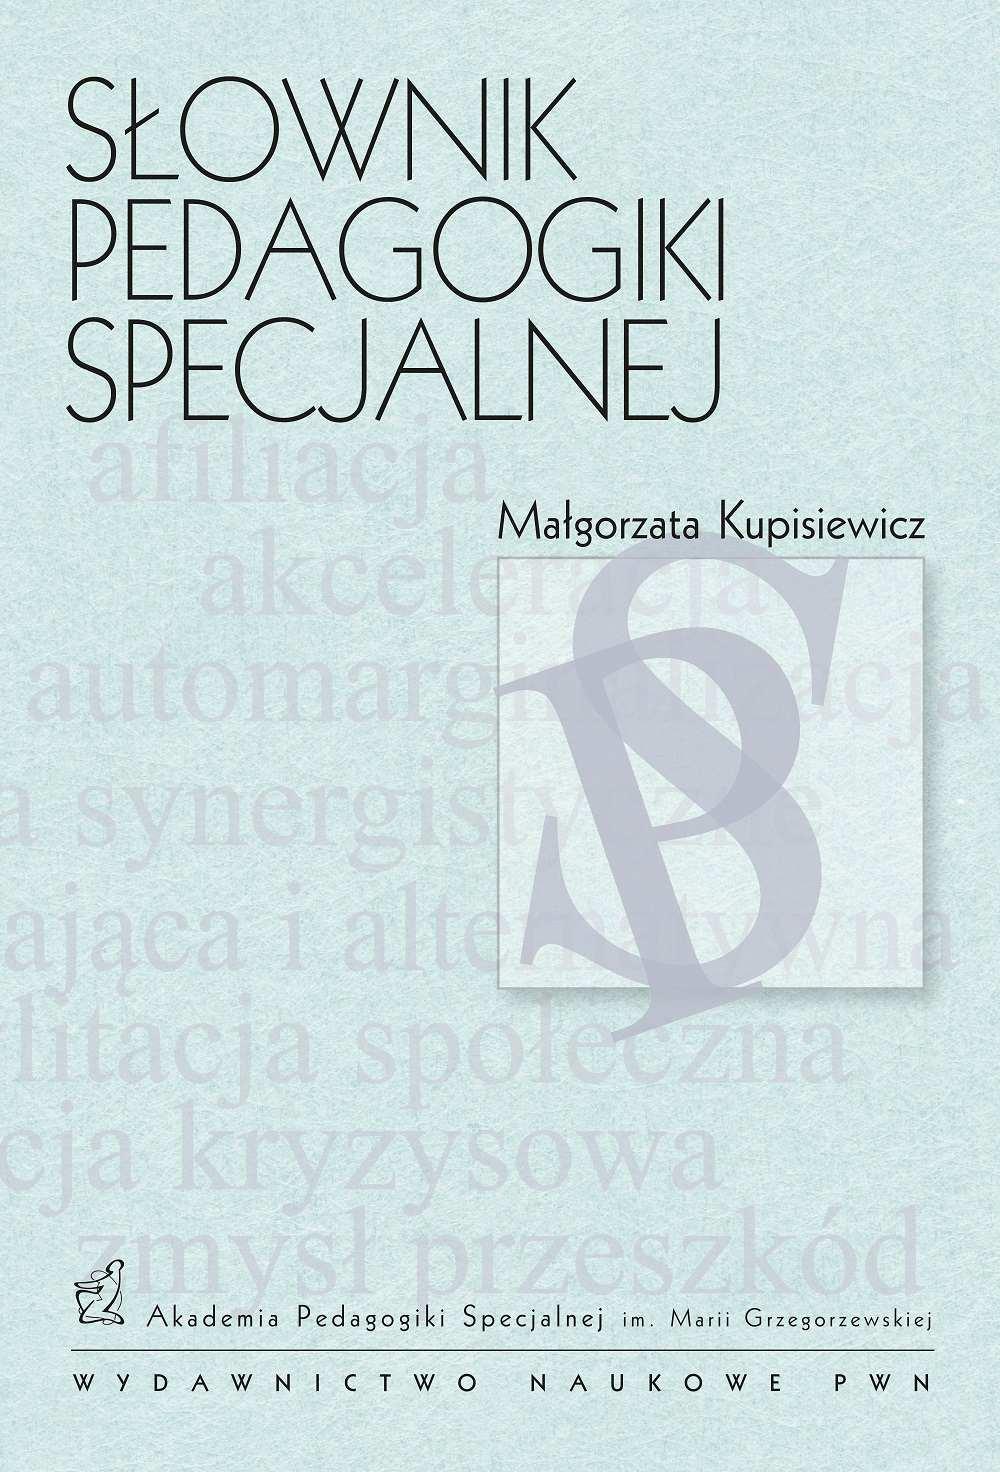 Słownik pedagogiki specjalnej - Ebook (Książka na Kindle) do pobrania w formacie MOBI